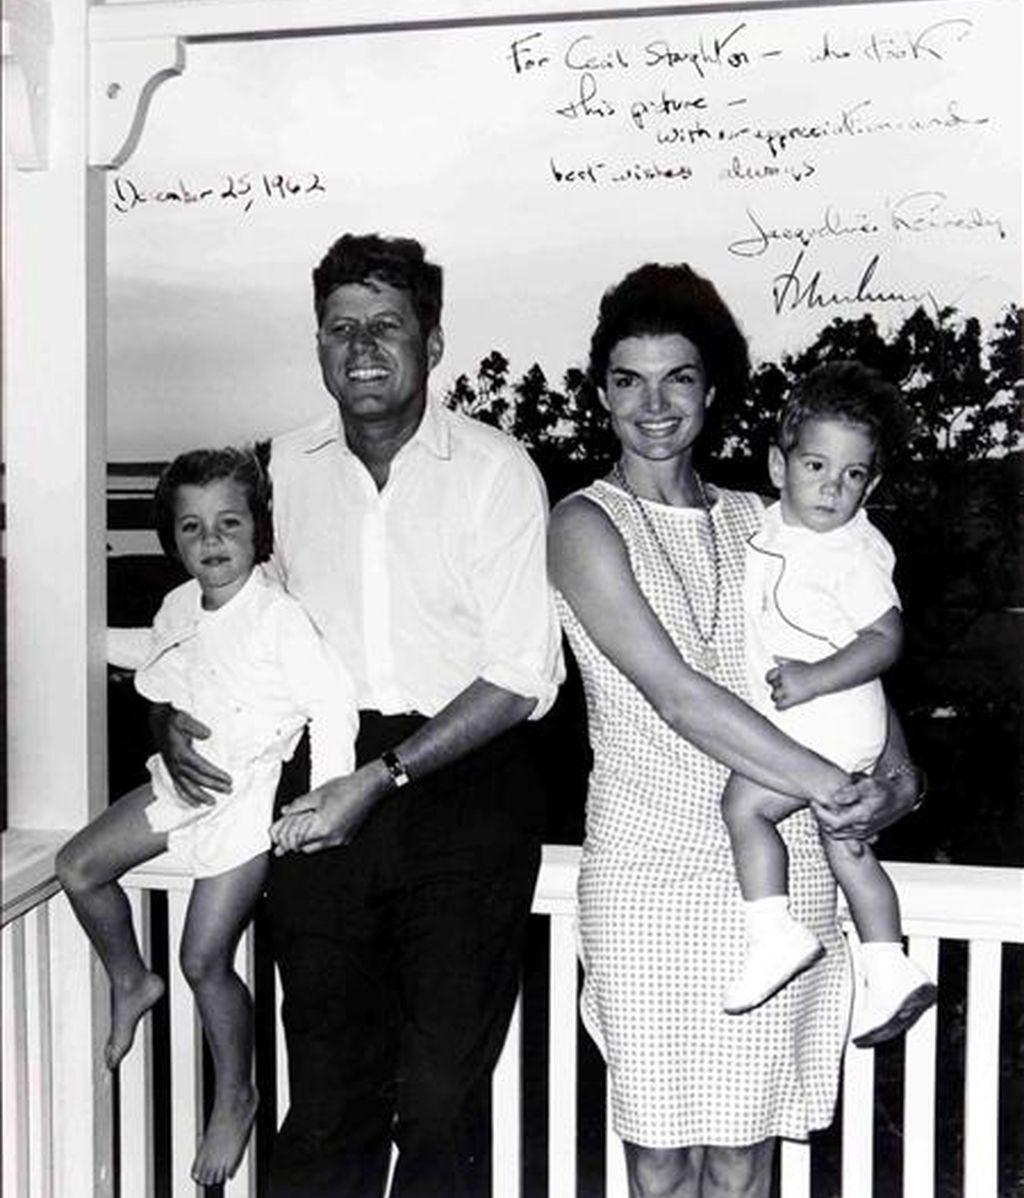 Foto cedida por Bonhams tomada por Cecil Stoughton, jefe de fotografía de la Casa Blanca en 1963, realizada al presidente de EE.UU. John F. Kennedy junto su esposa Jackie y sus hijos Caroline y John Jr. en el Cabo. EFE